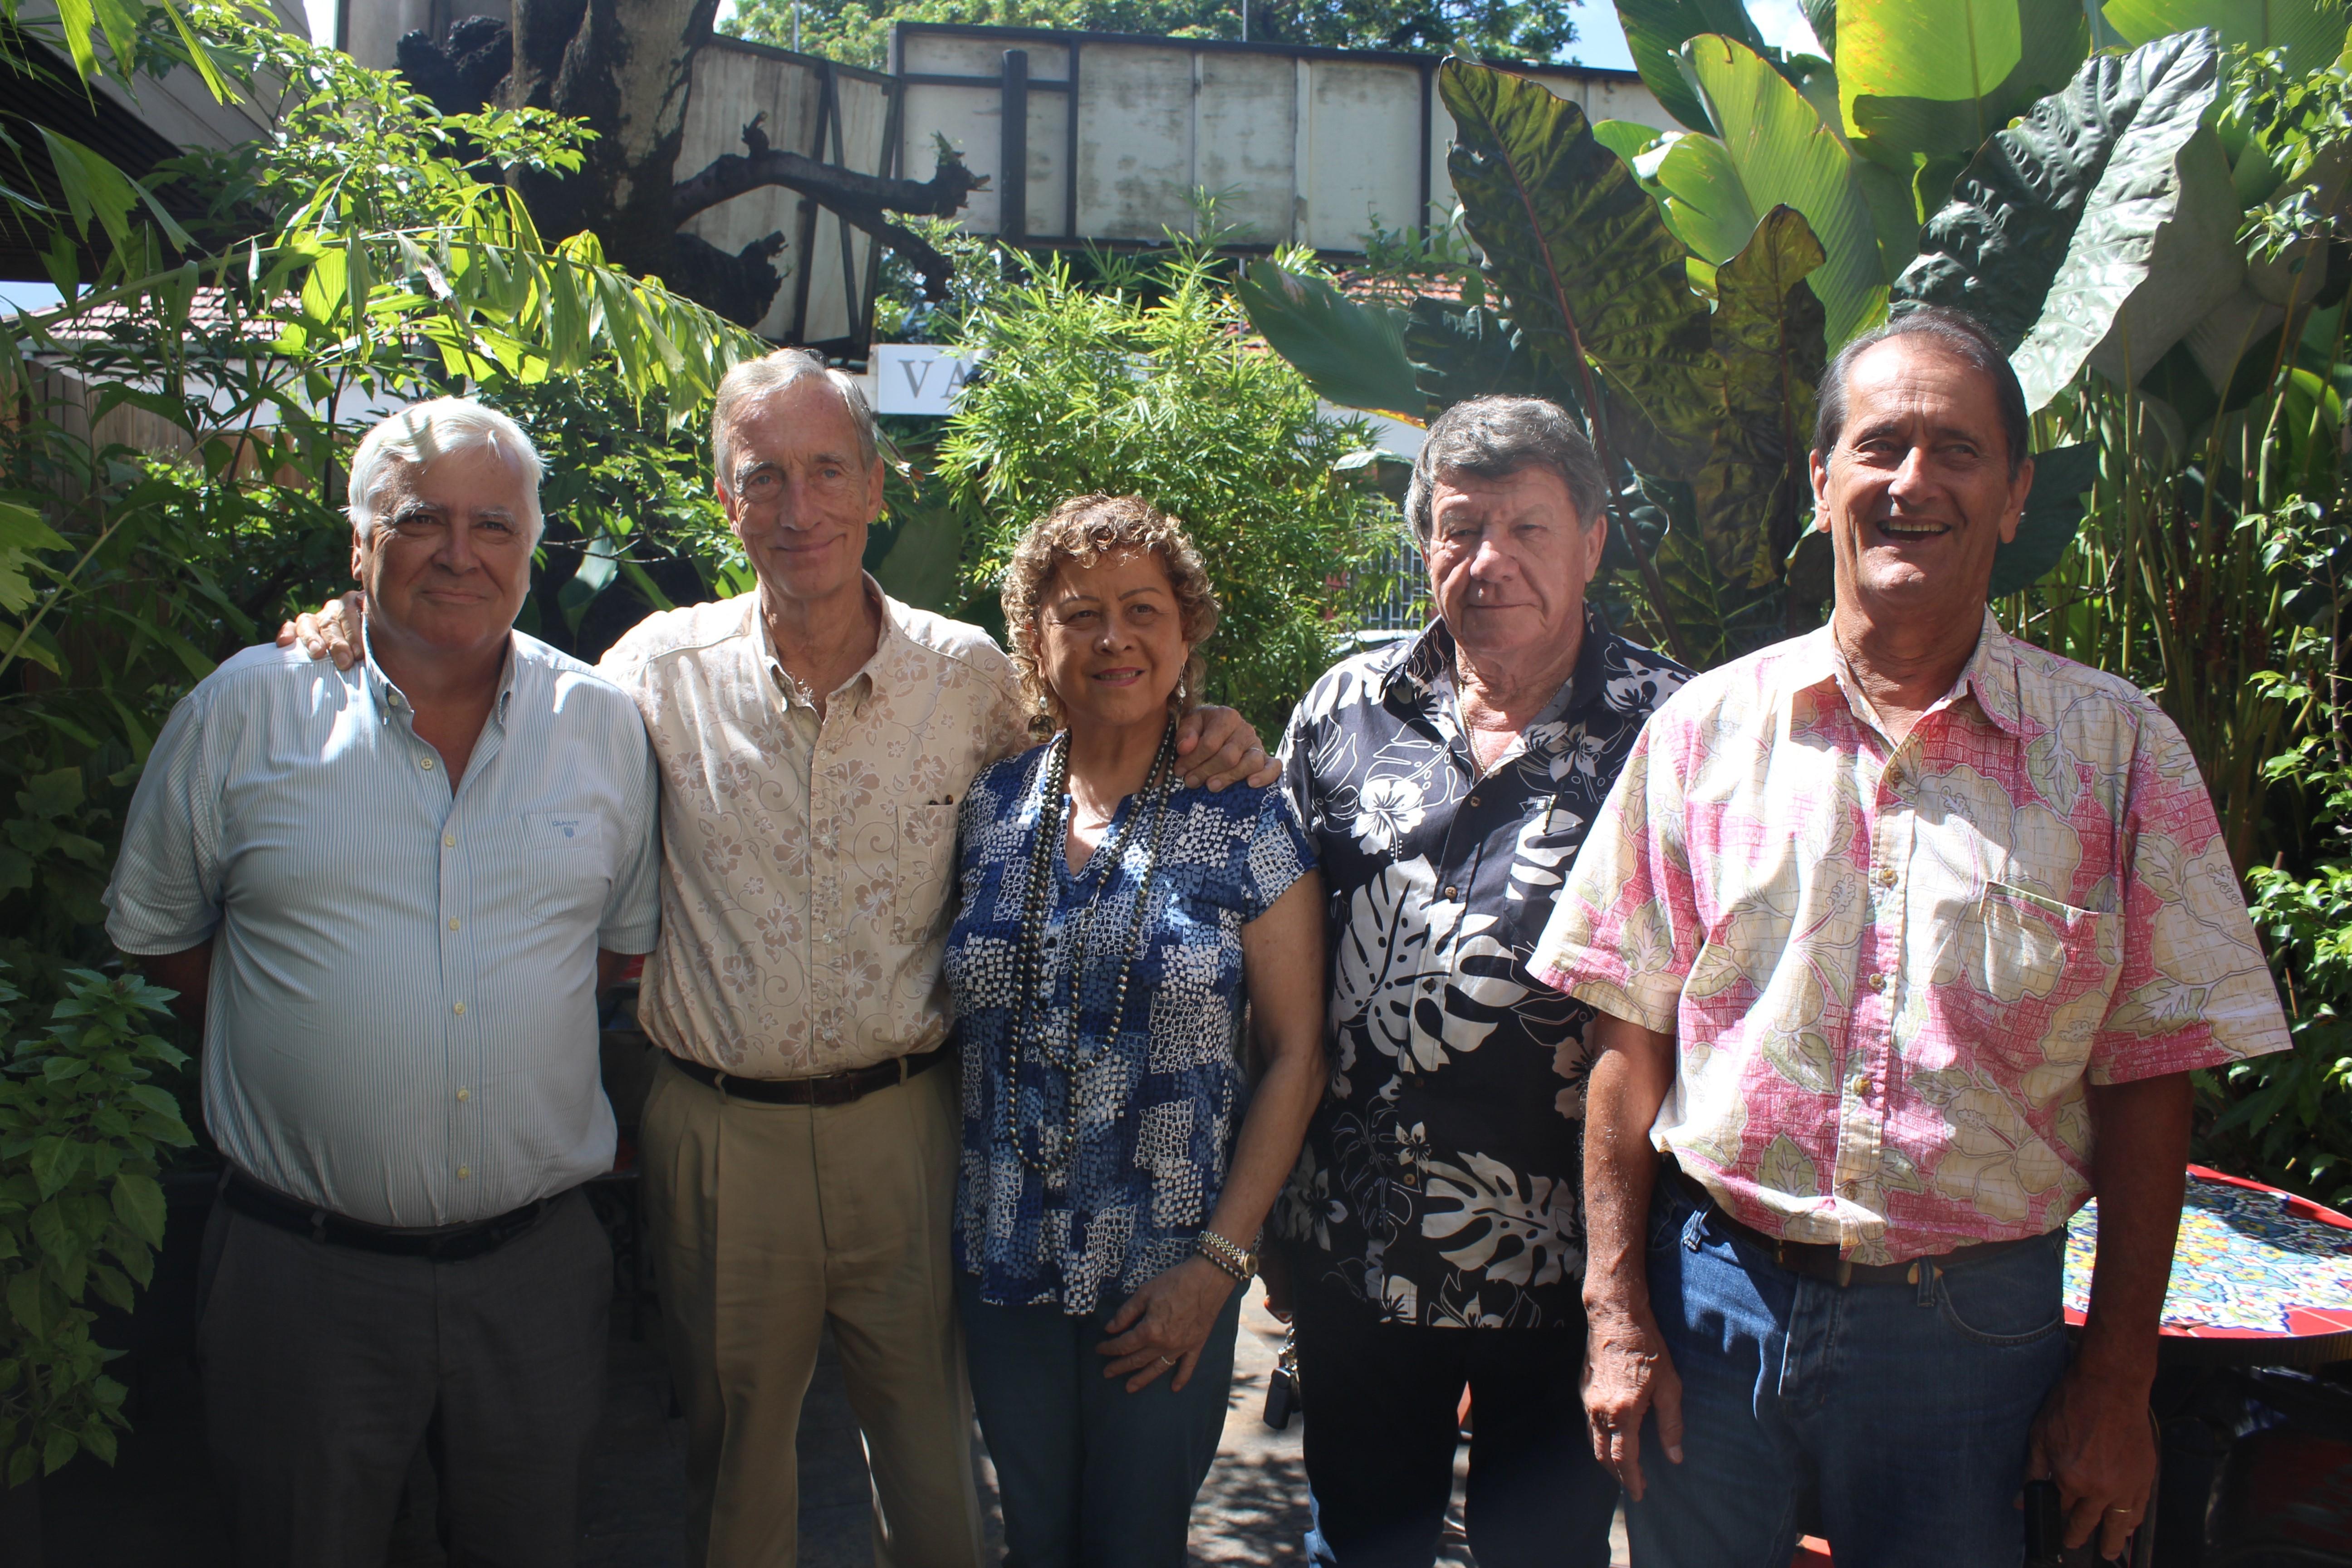 De gauche à droite : Me François Quinquis, Michel Paoletti, Aline Baldassari, Daniel Palacz et Joël Allain.